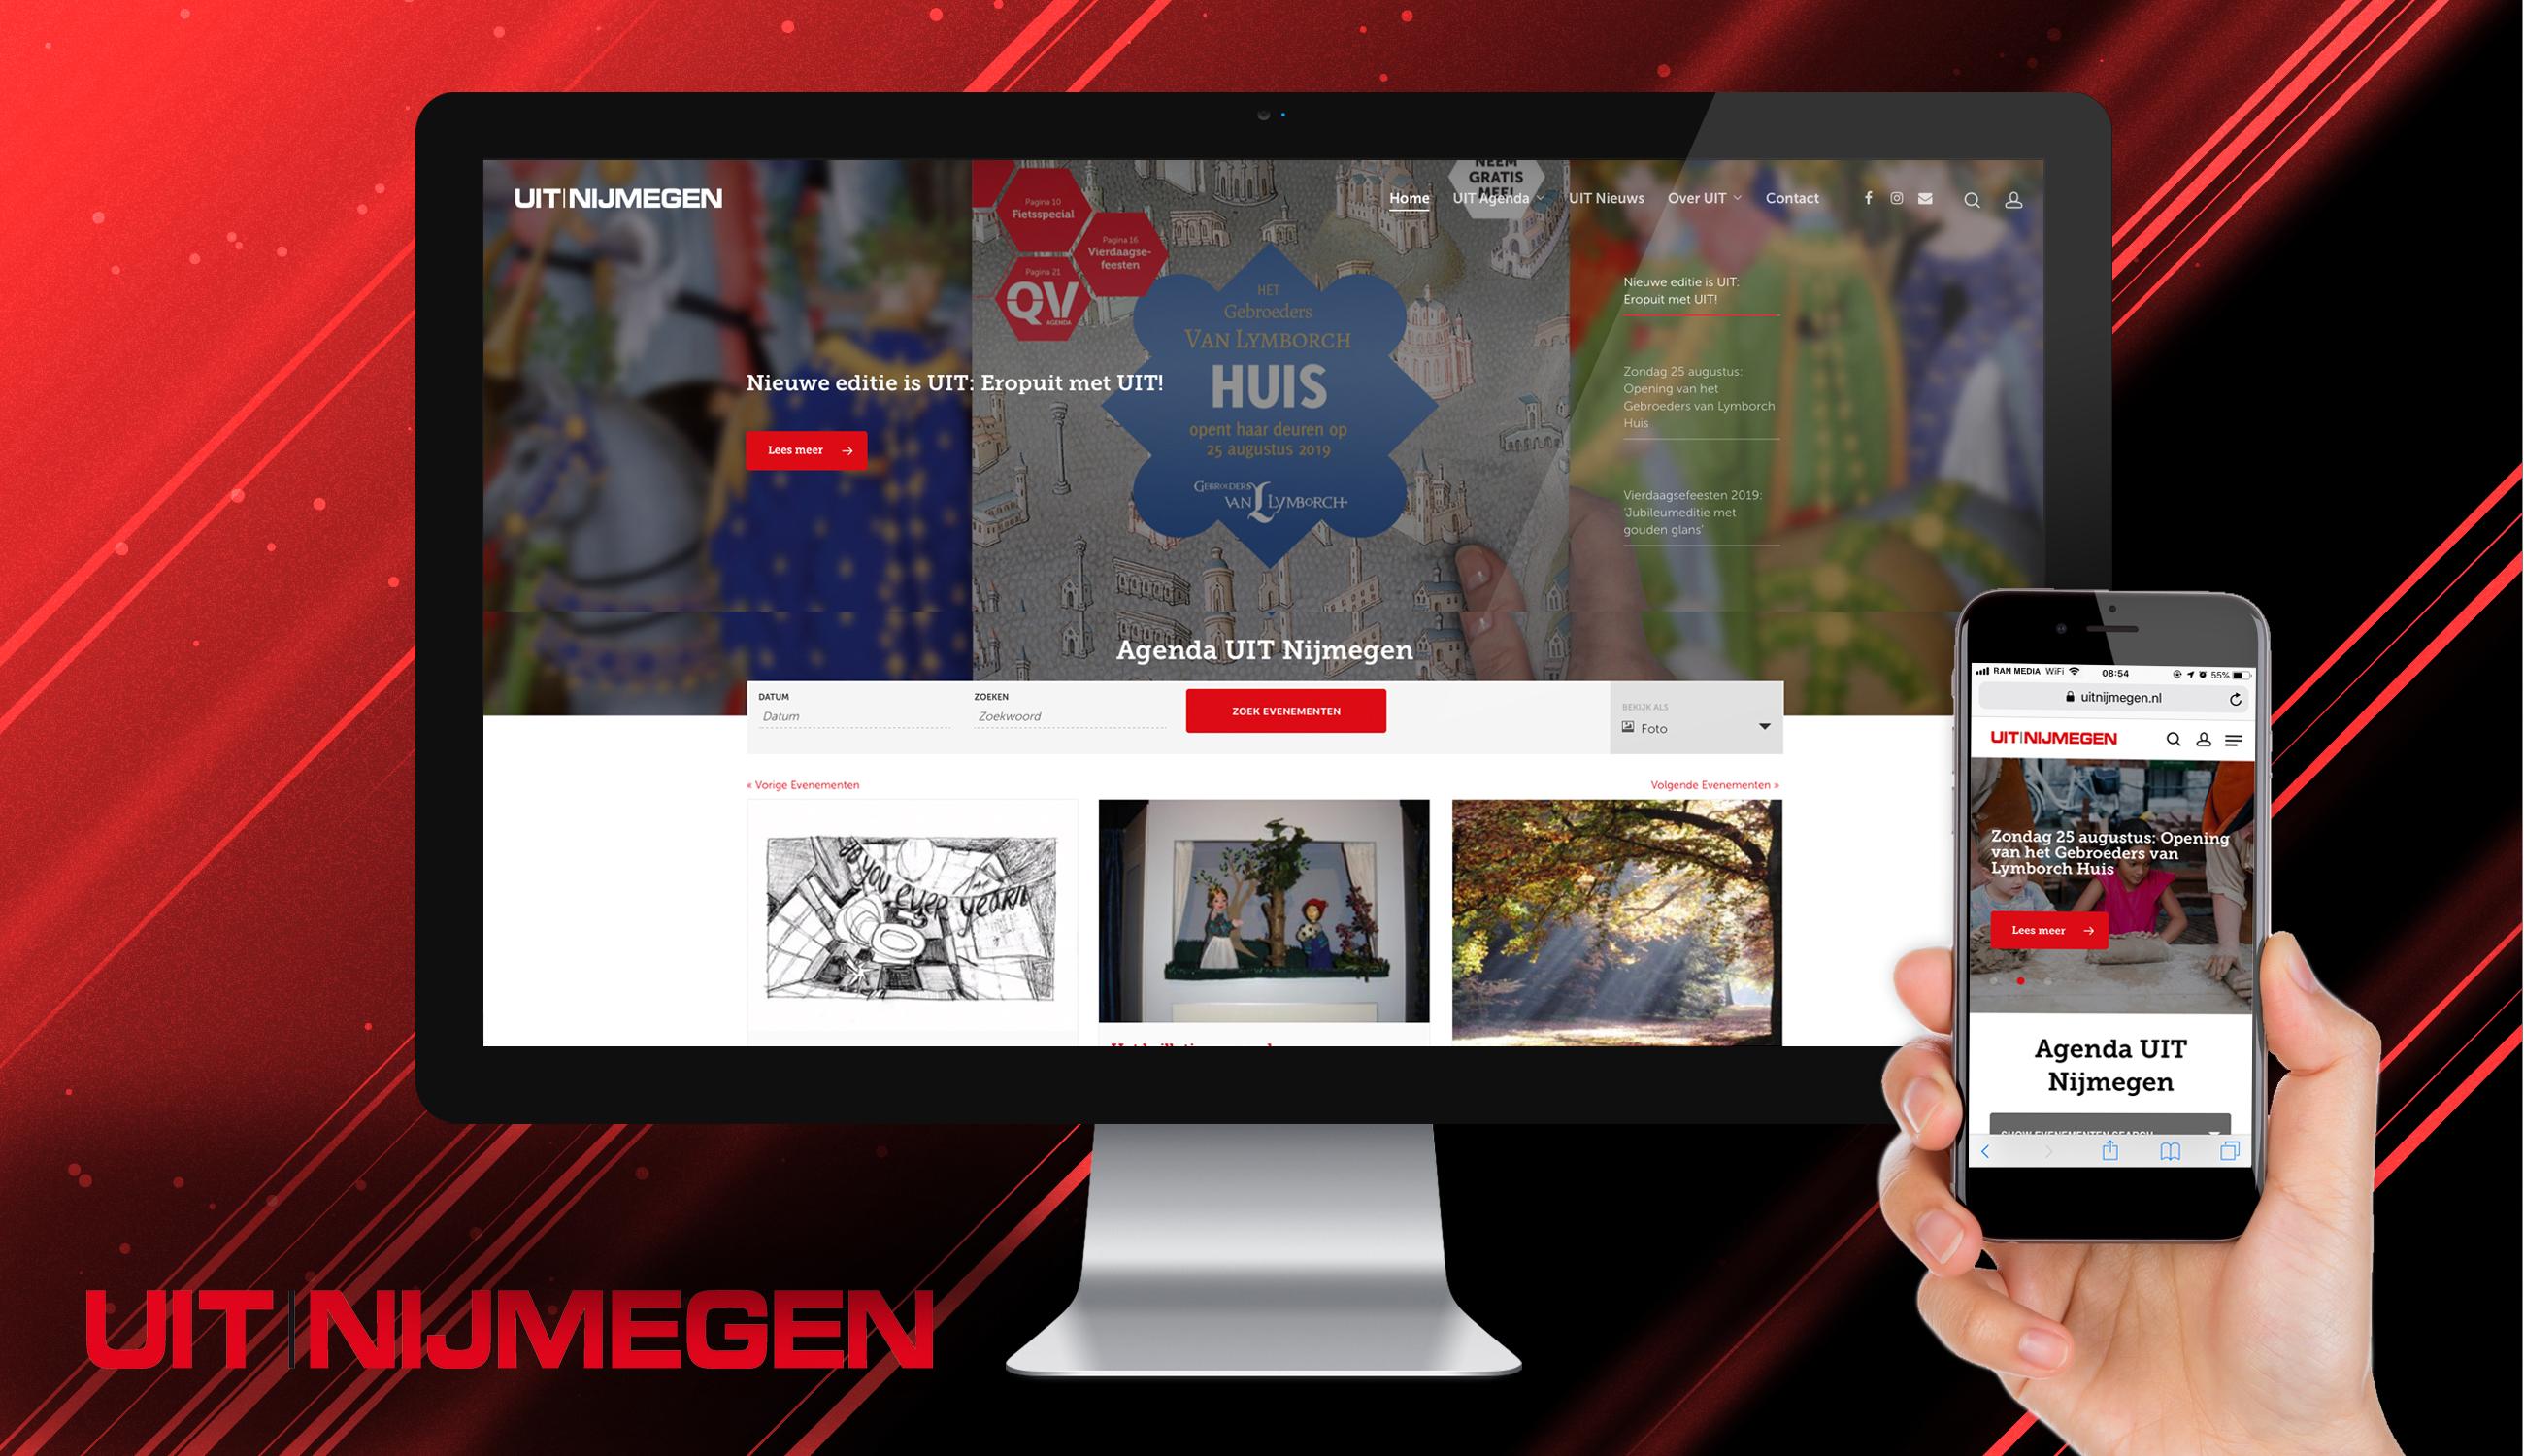 Nieuw online platform UIT Nijmegen gelanceerd